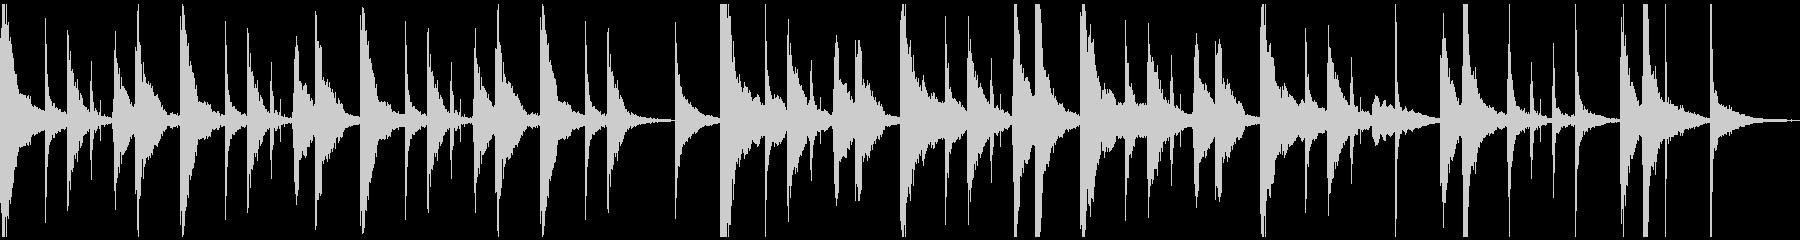 ほのぼのムードのジングル(ループ)の未再生の波形